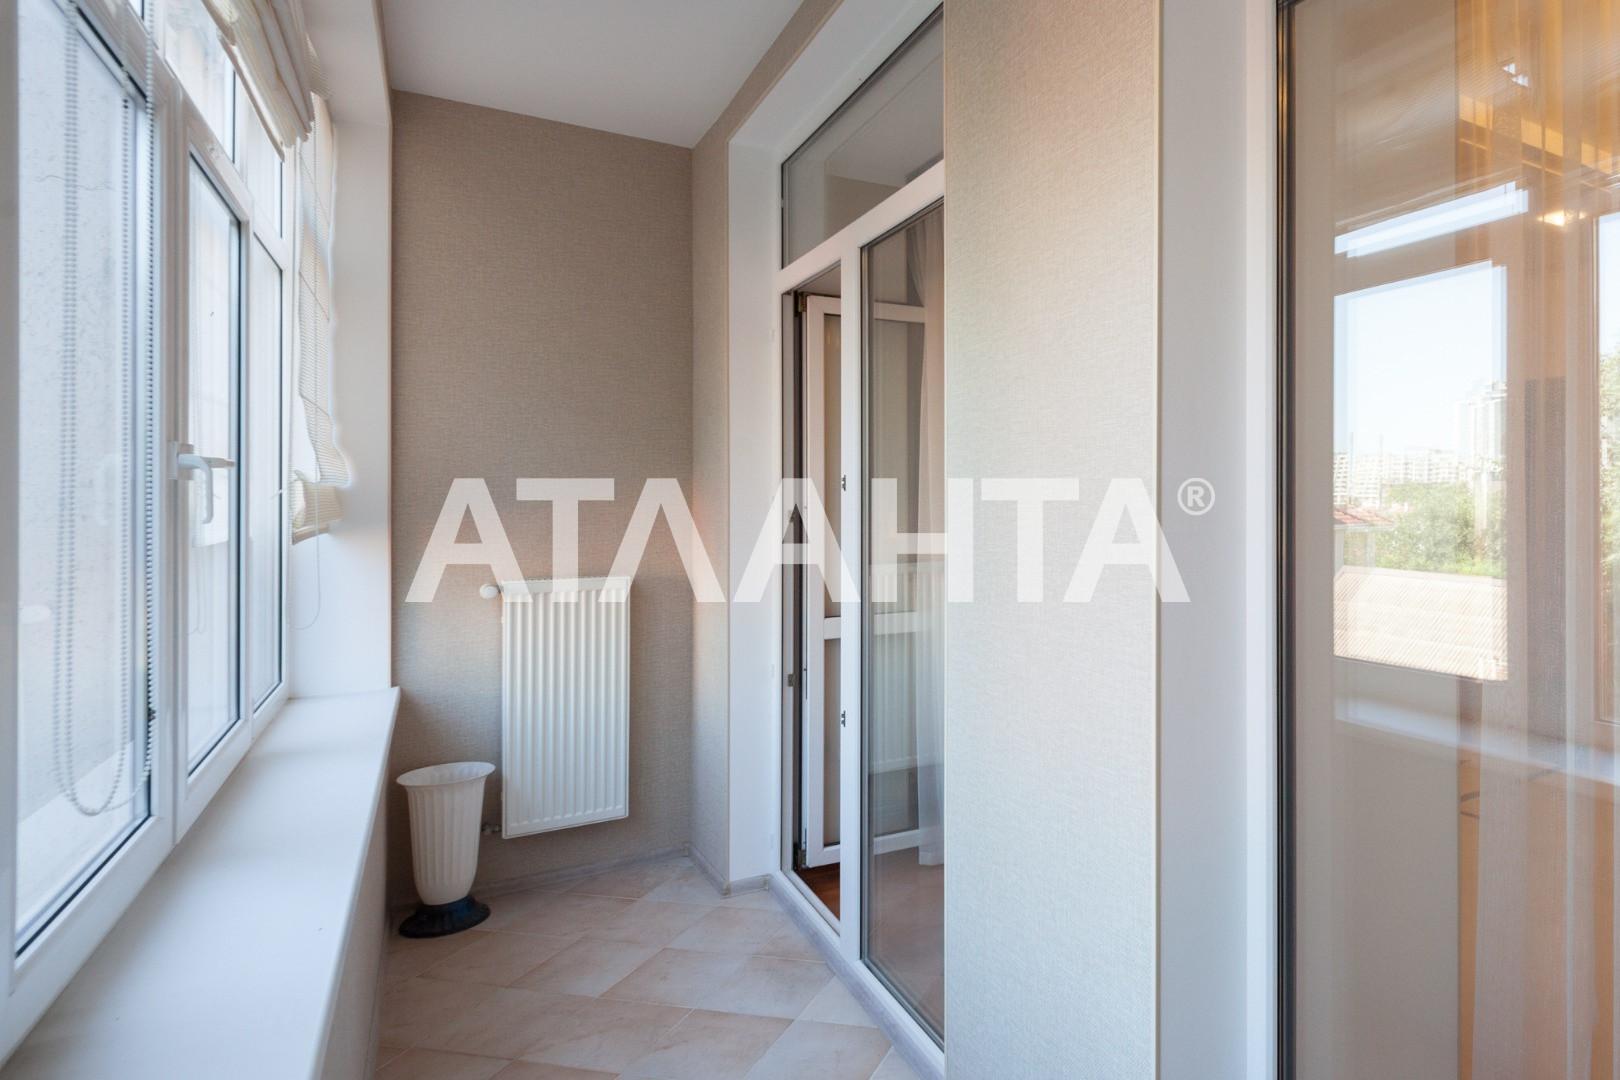 Продается 3-комнатная Квартира на ул. Педагогический Пер. — 195 000 у.е. (фото №13)